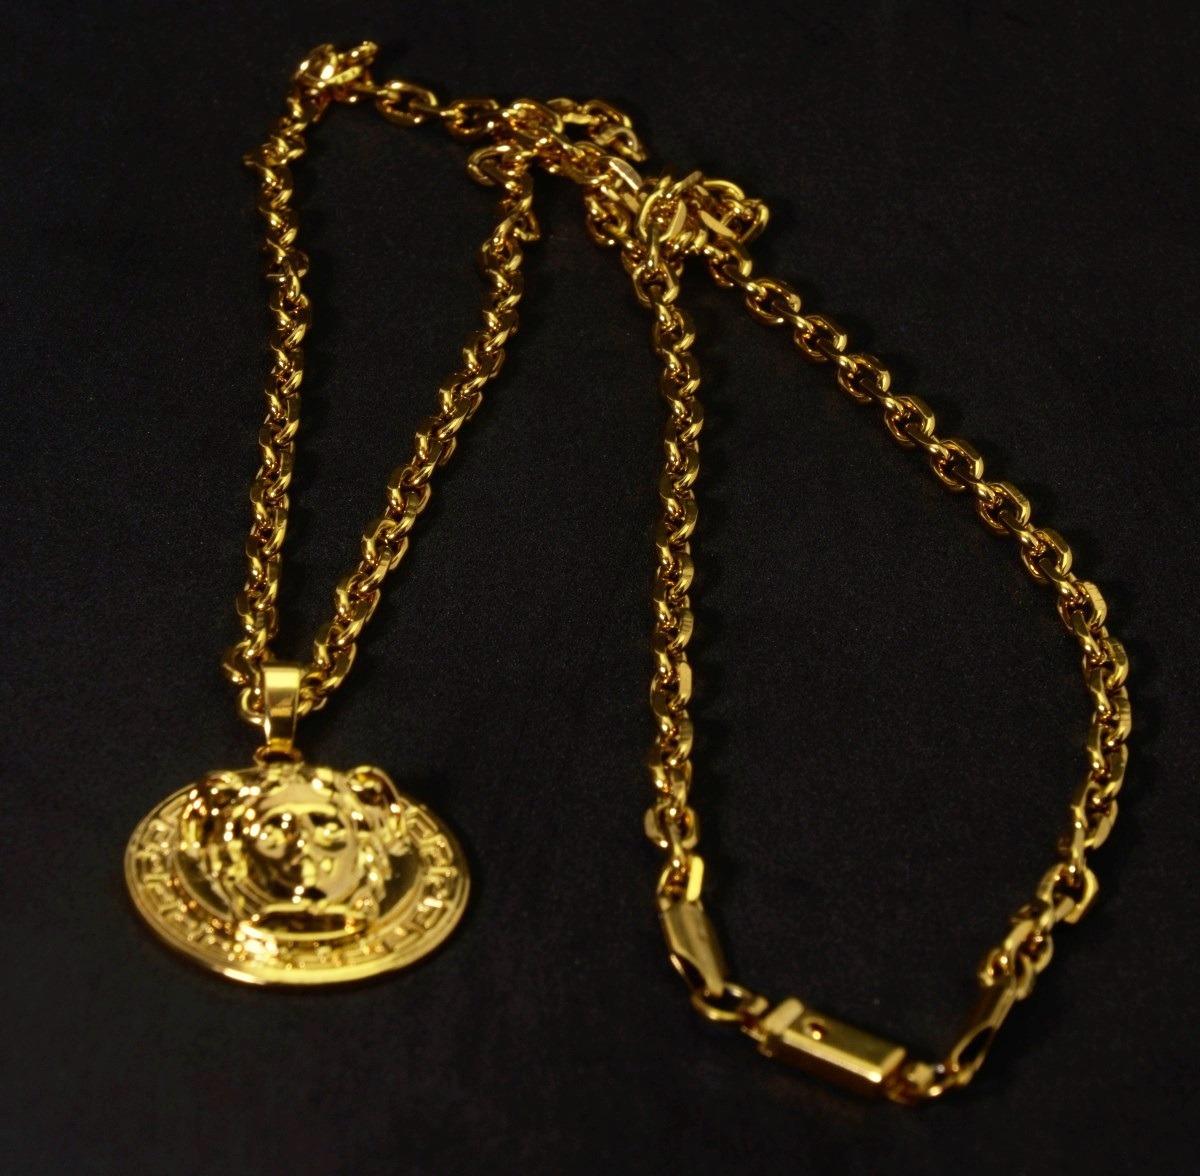 c3c80cae914 cordão corrente cartier pingente versace medusa banhada ouro. Carregando  zoom.